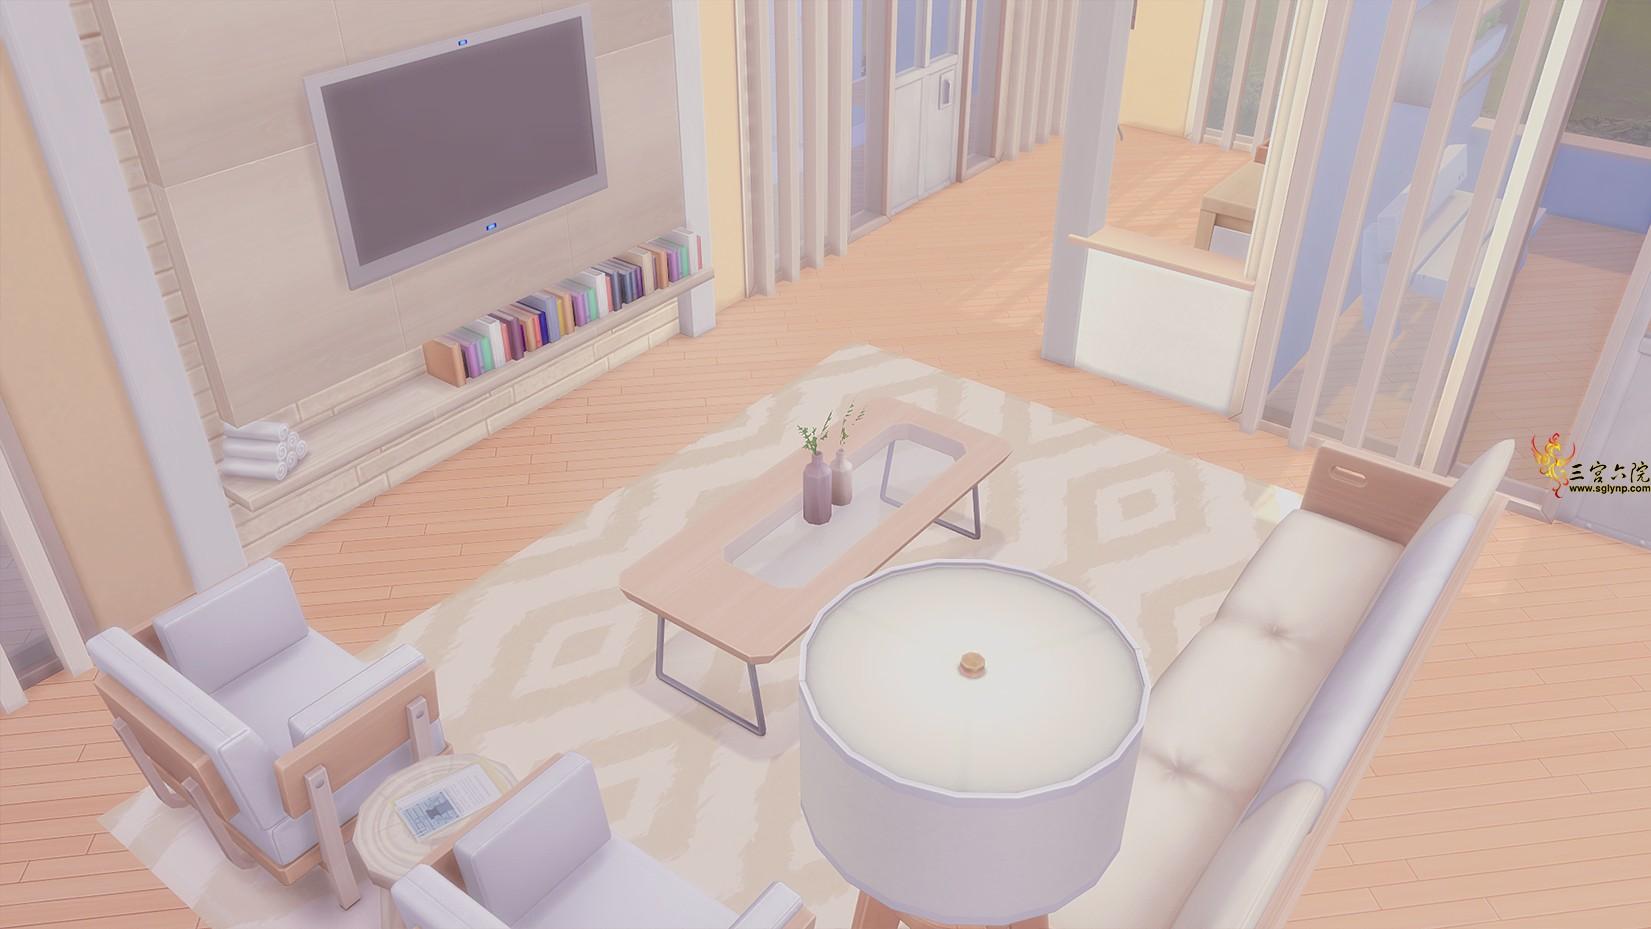 Sims 4 Screenshot 2021.02.14 - 14.08.58.17.png